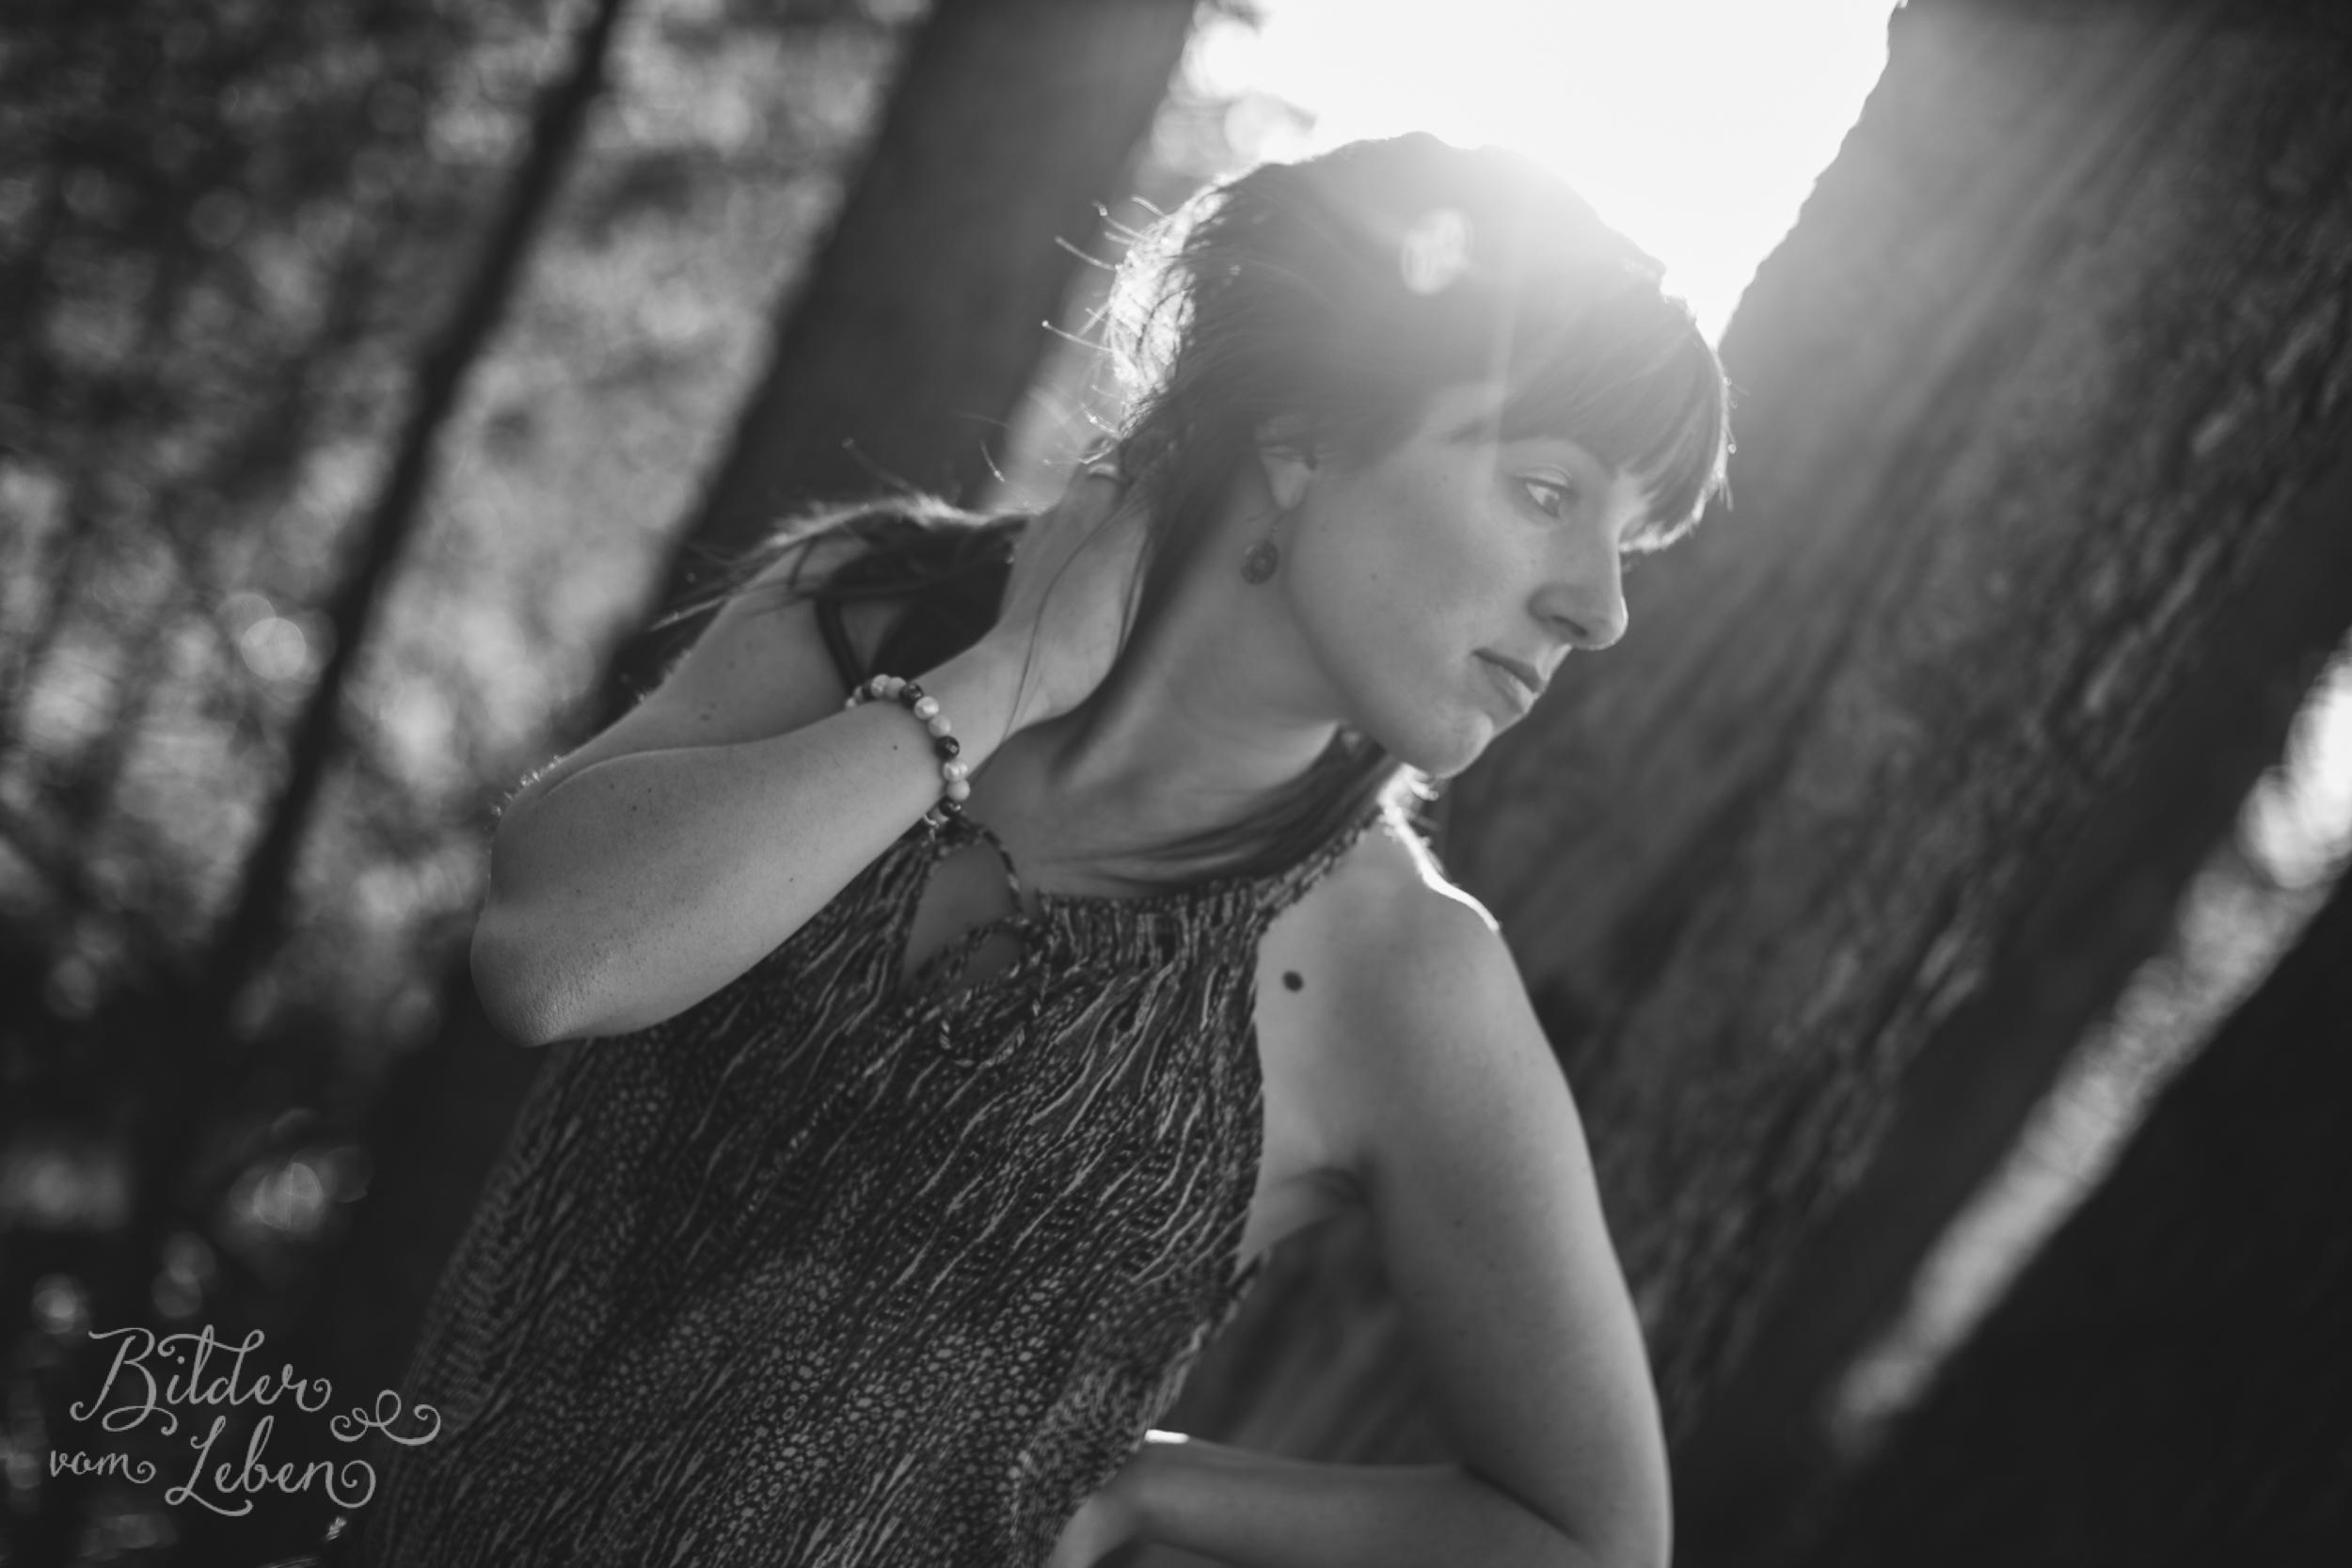 BildervomLeben-Fotografie-Christina-Heinig-Portraits-Gegenlicht-Susanne-2016-5775